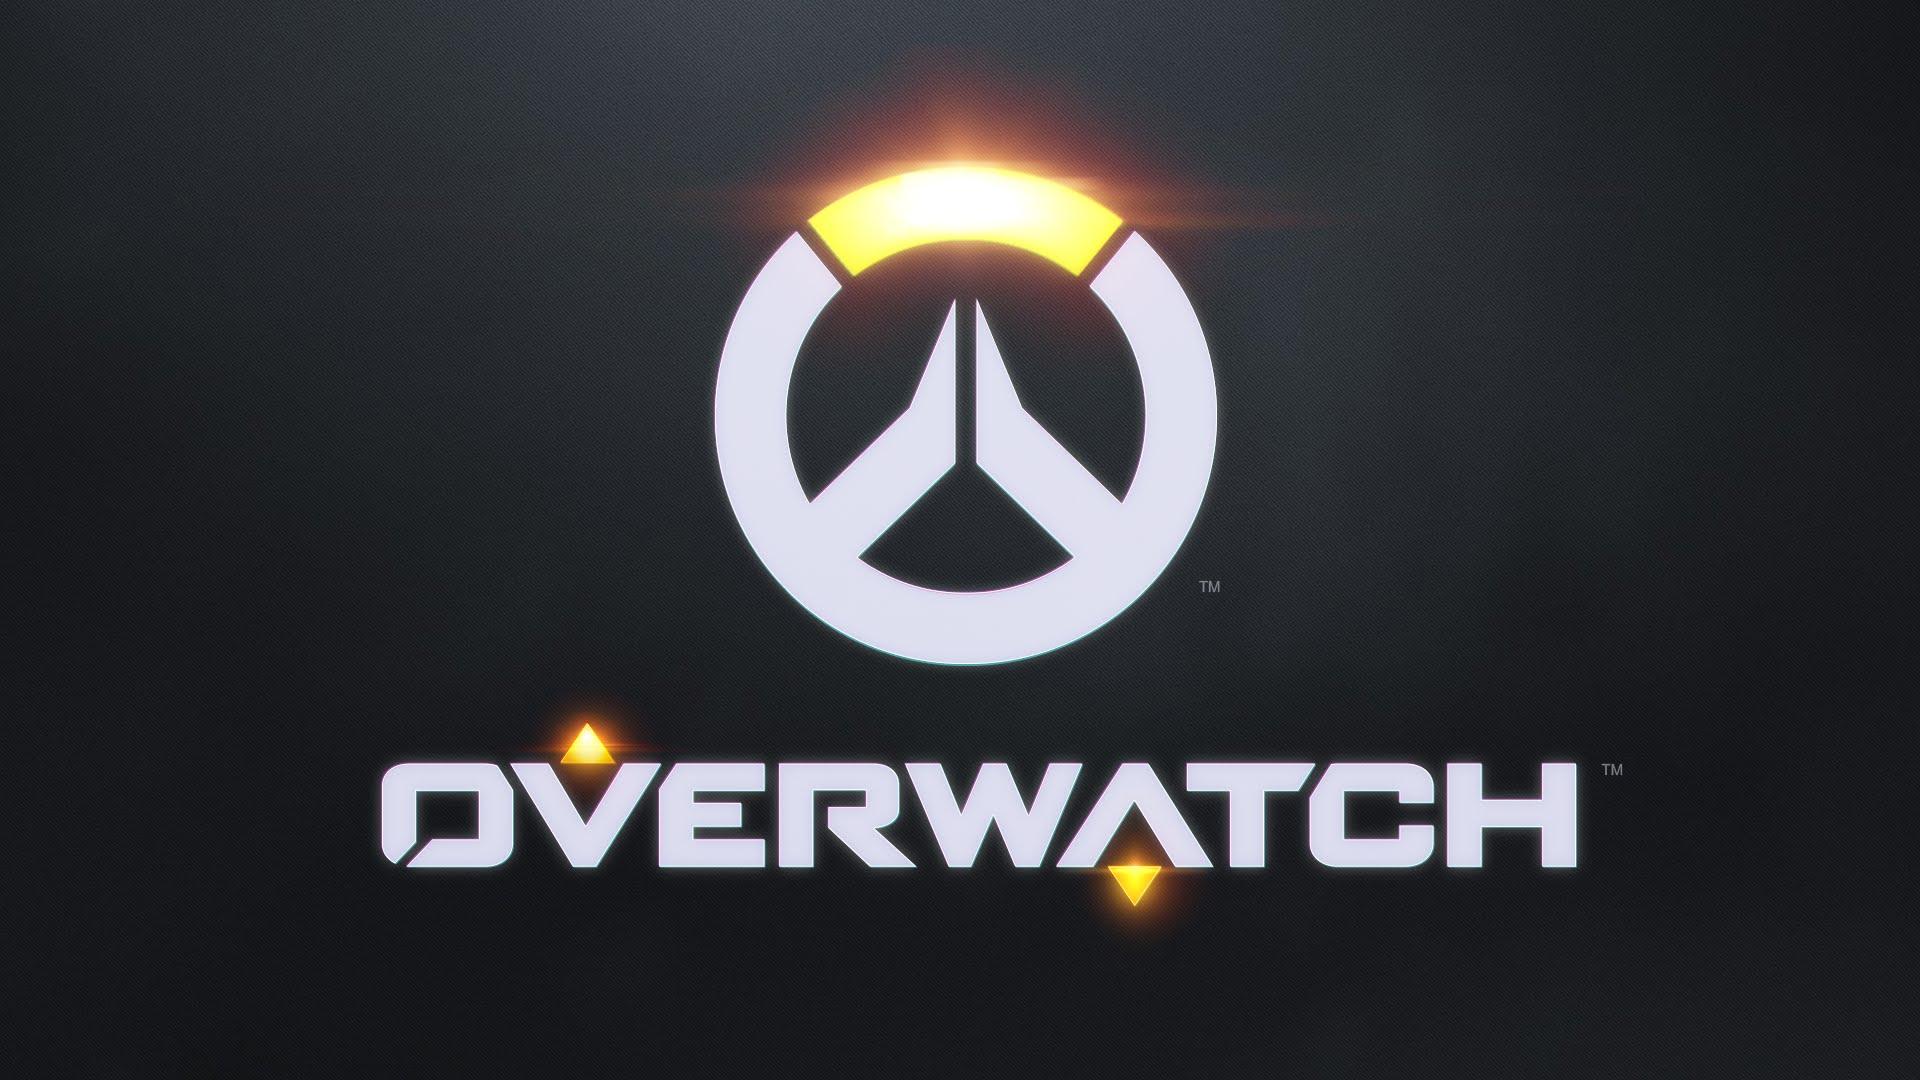 nuevo shooter favorito de los gamers se llama Overwatch